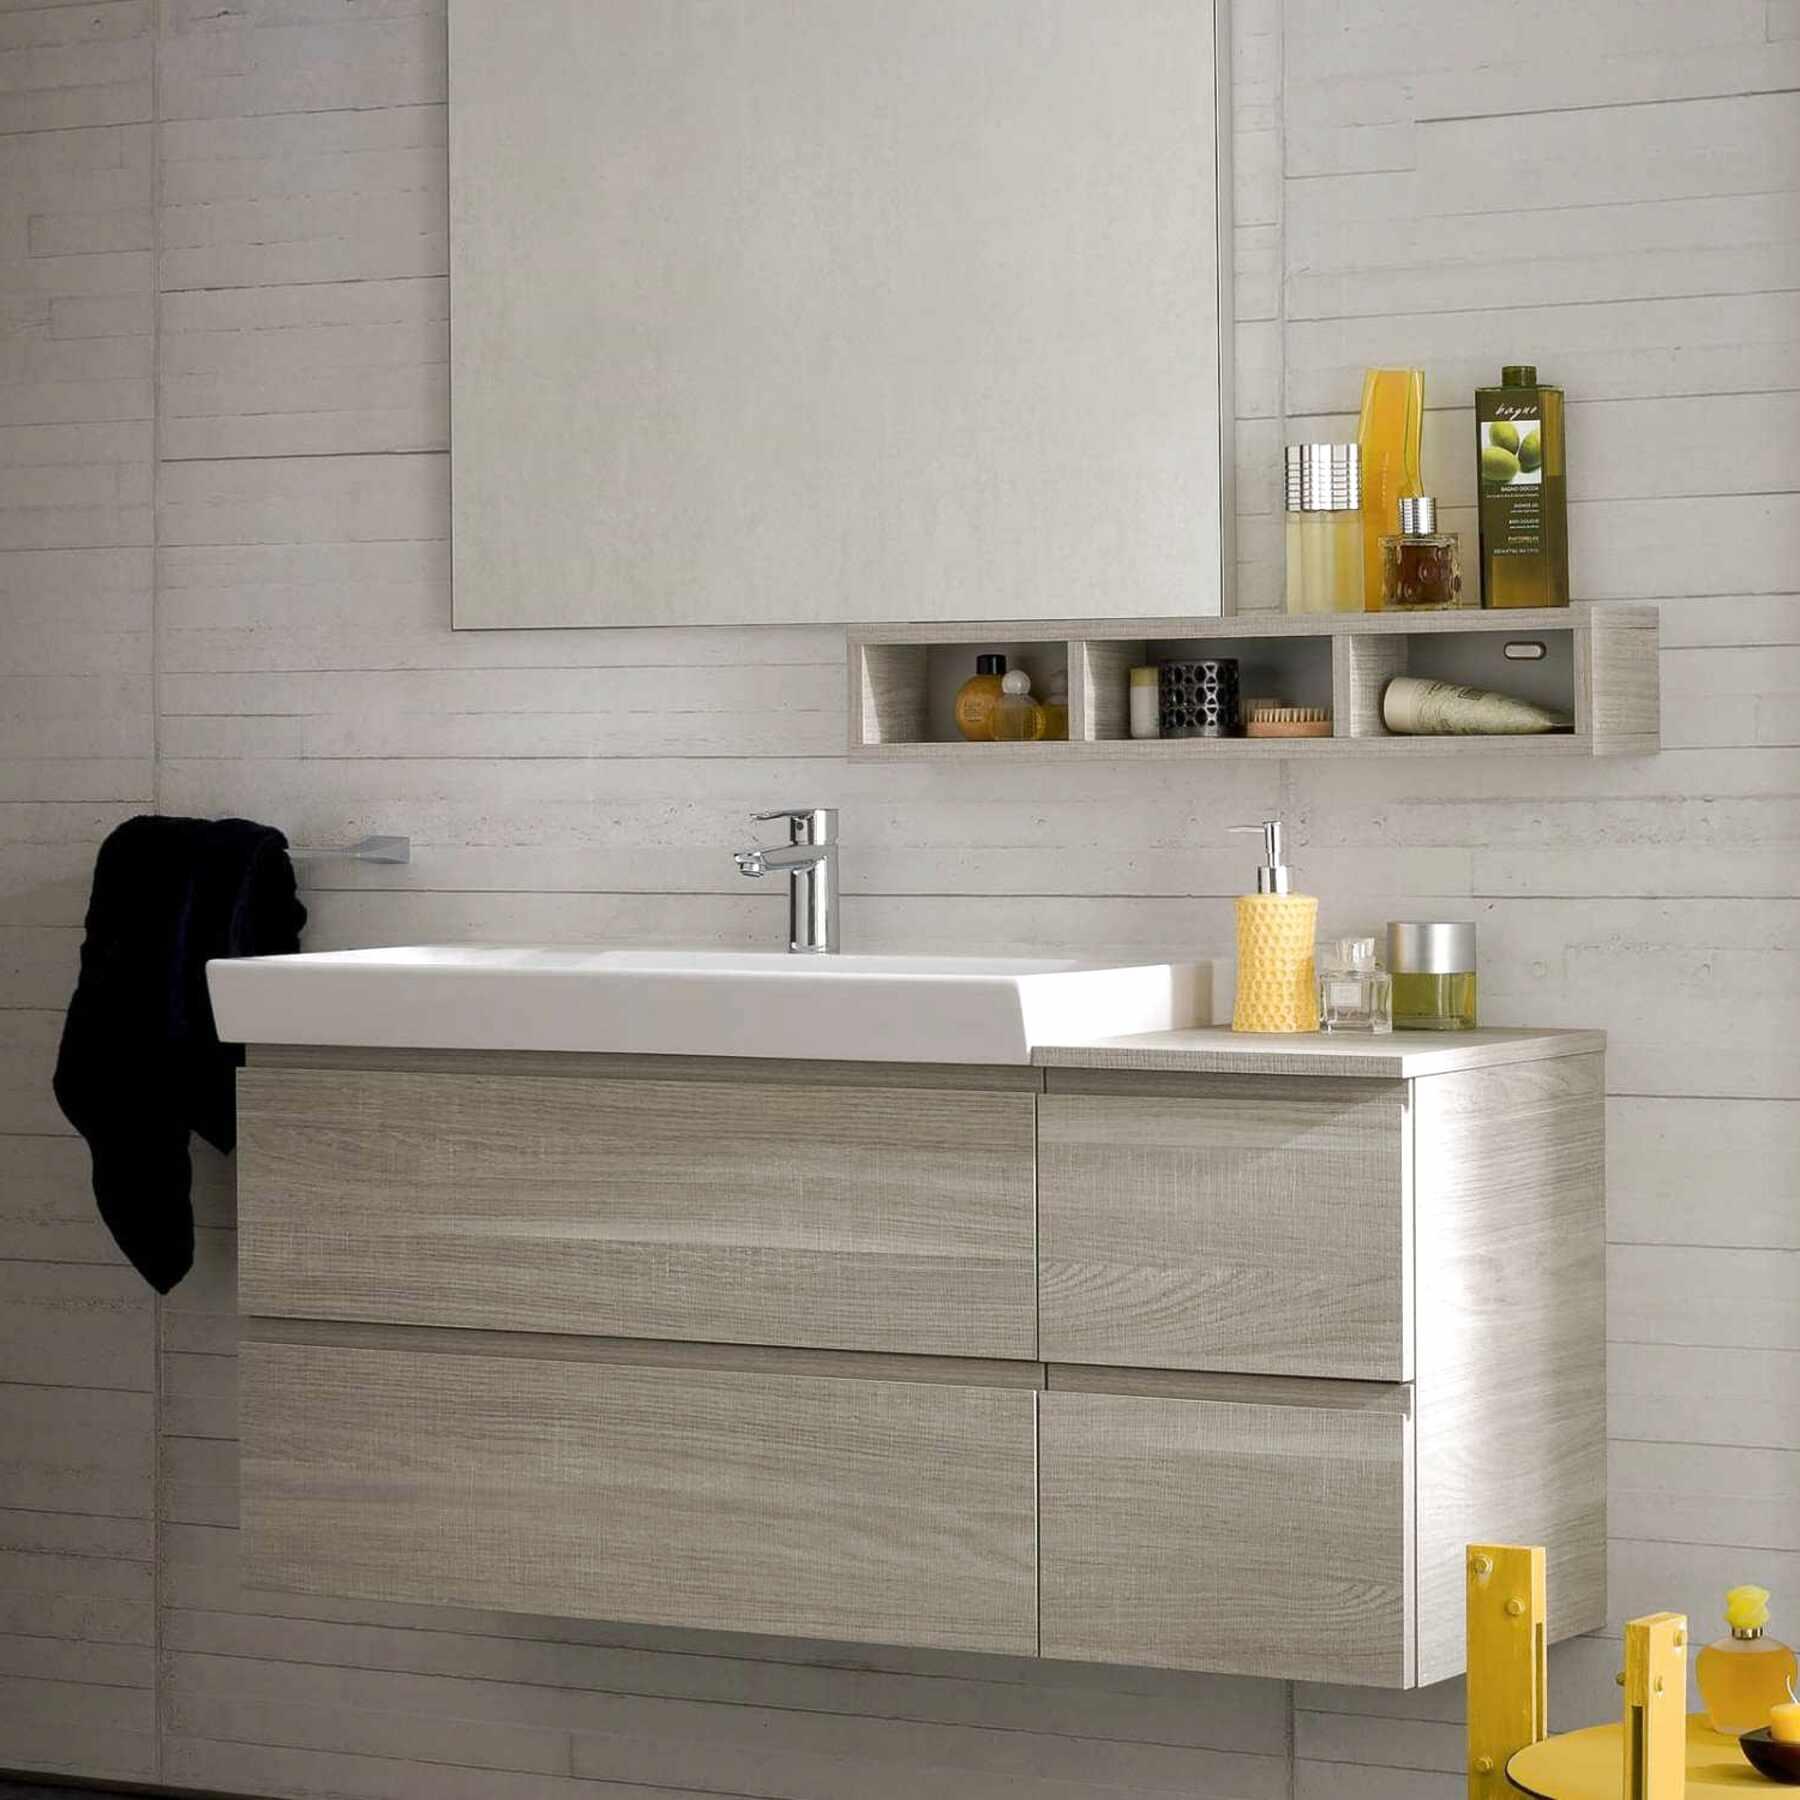 Mobile bagno usato in italia vedi tutte i 78 prezzi for Mobile bagno usato